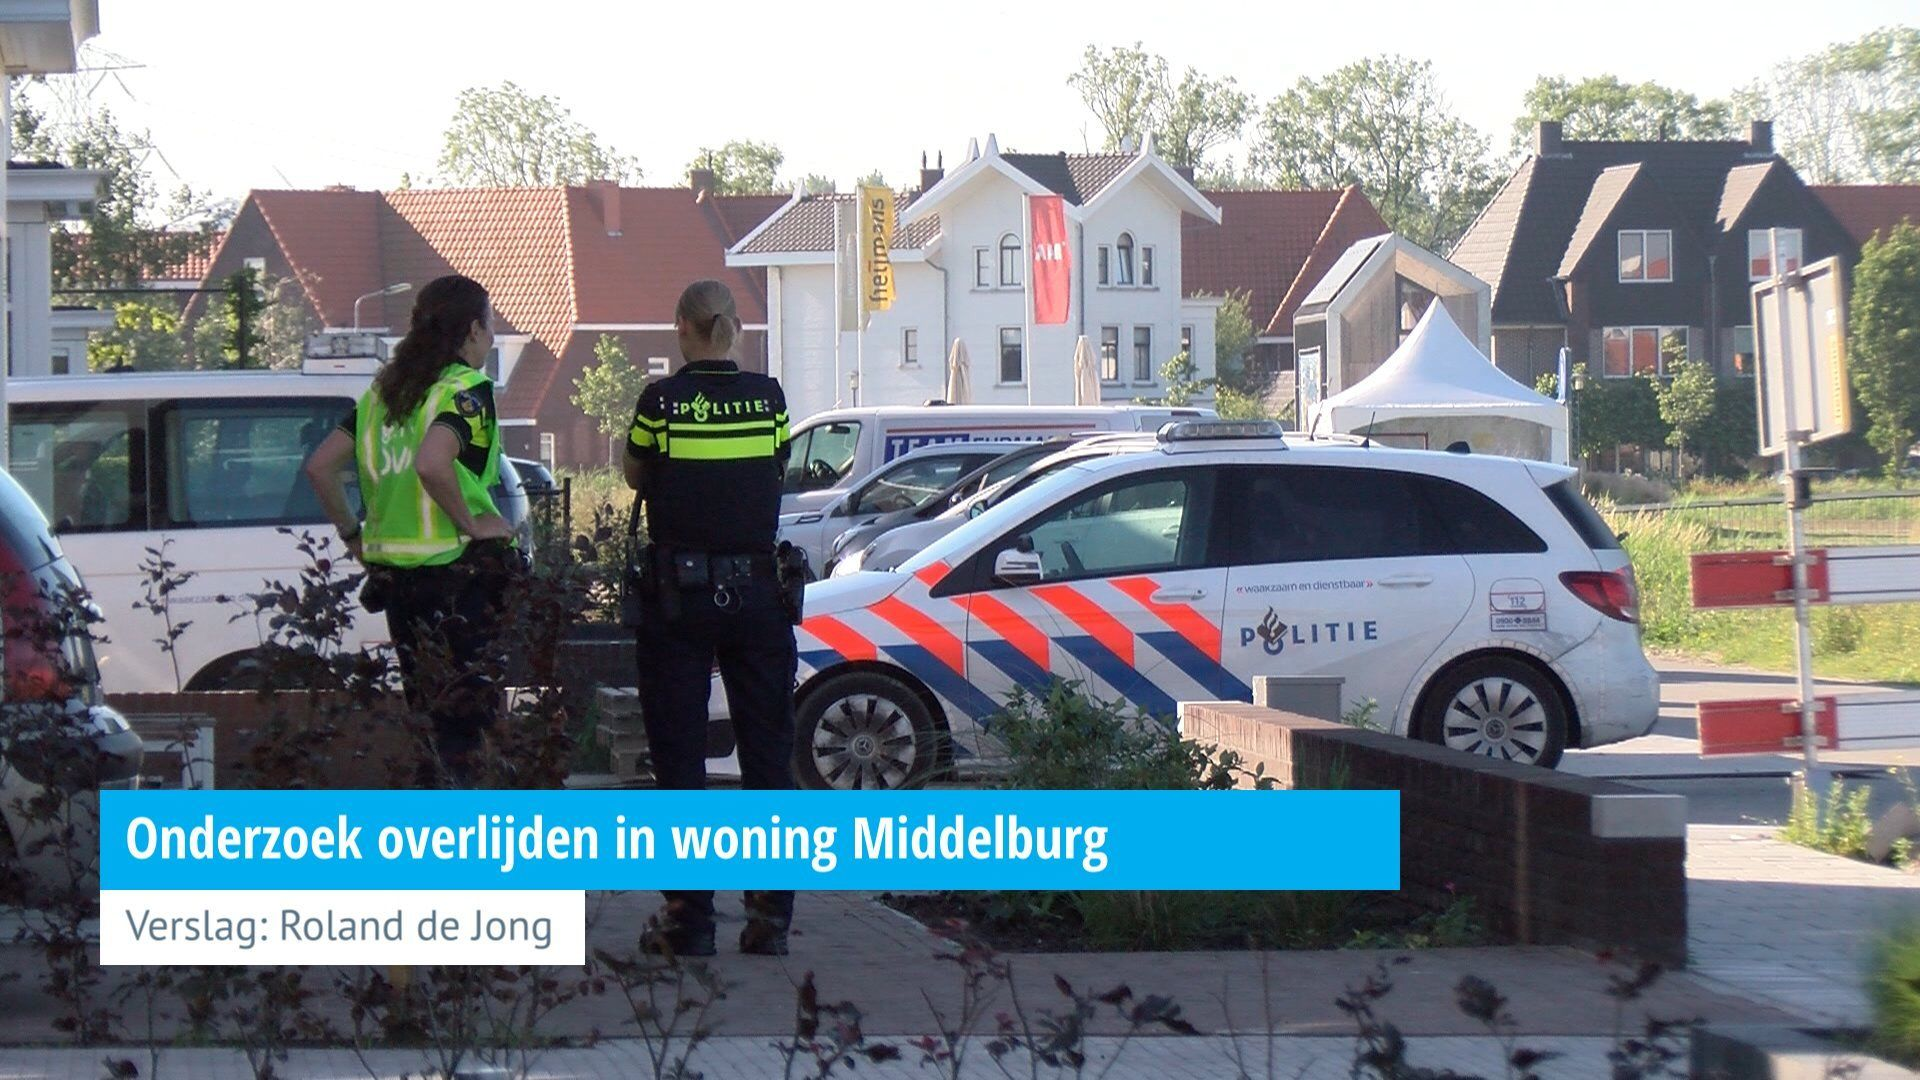 Onderzoek overlijden in woning Middelburg - HVZeeland